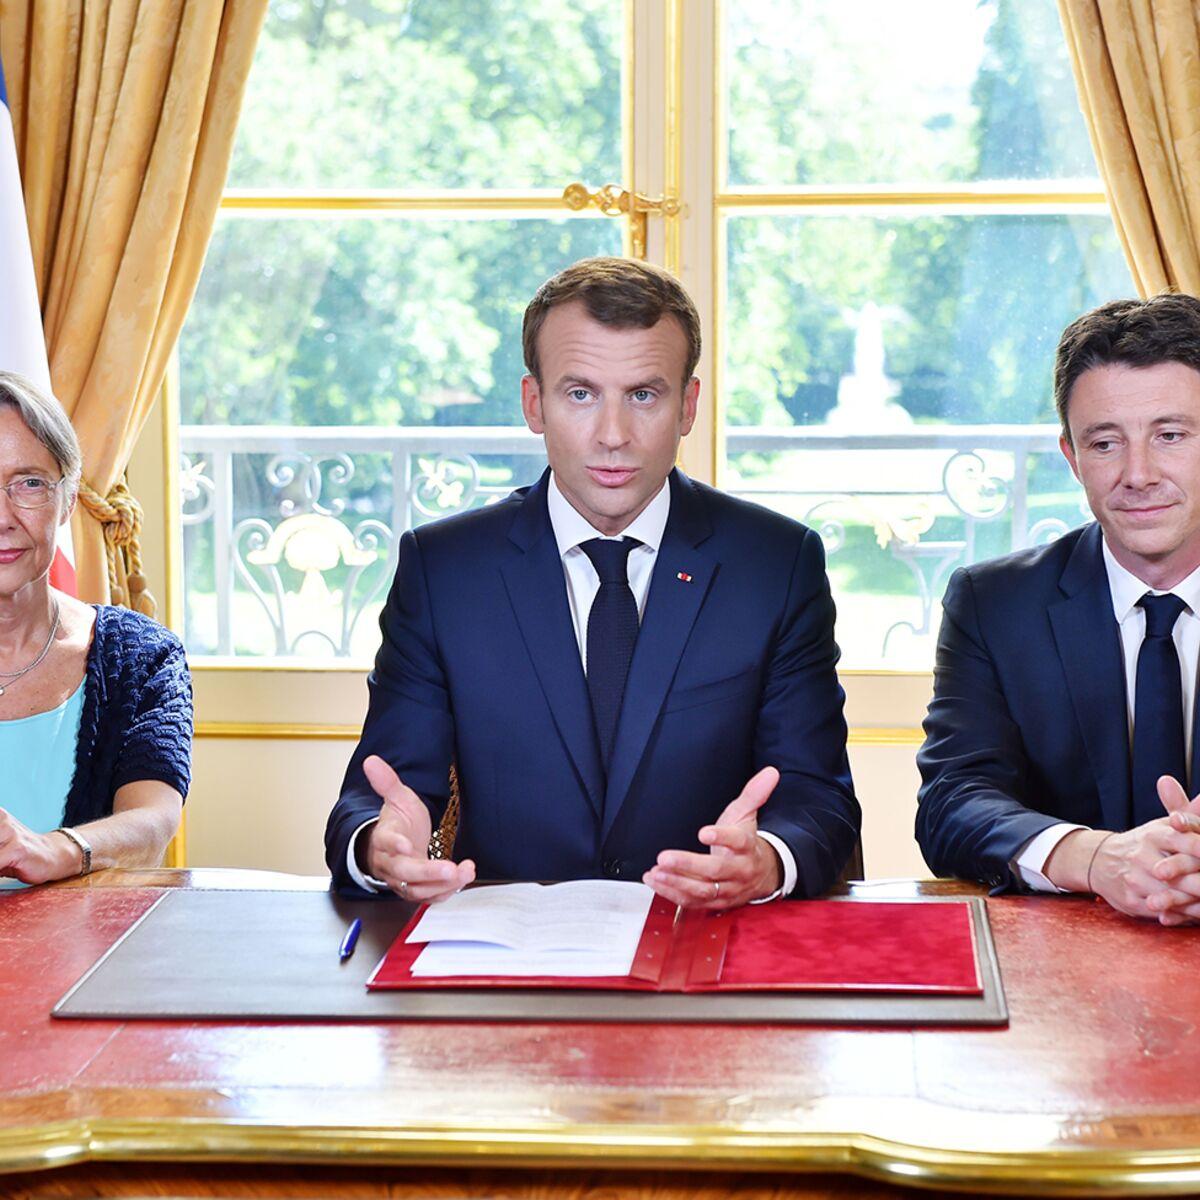 Video Emmanuel Macron Son Astuce Pour Avoir L Air Plus Grand Femme Actuelle Le Mag